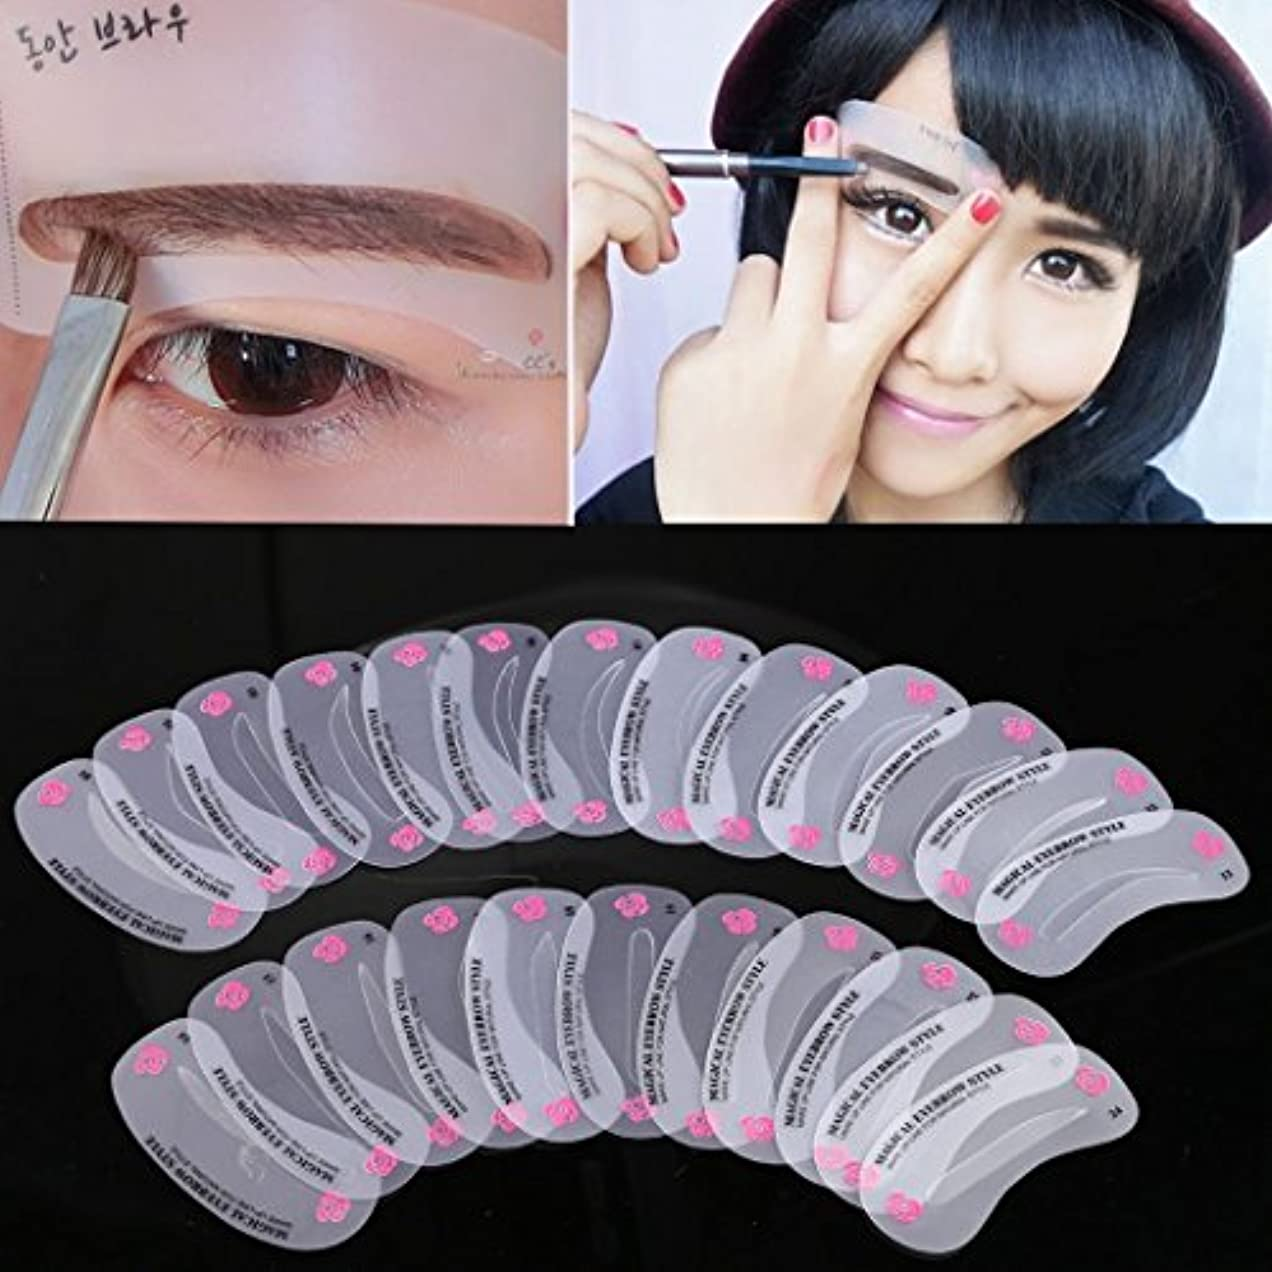 手当マウスピース上回る24の異なるセットを形づくっている眉ステンシルキットをグルーミング化粧スタイル眉シェーパー